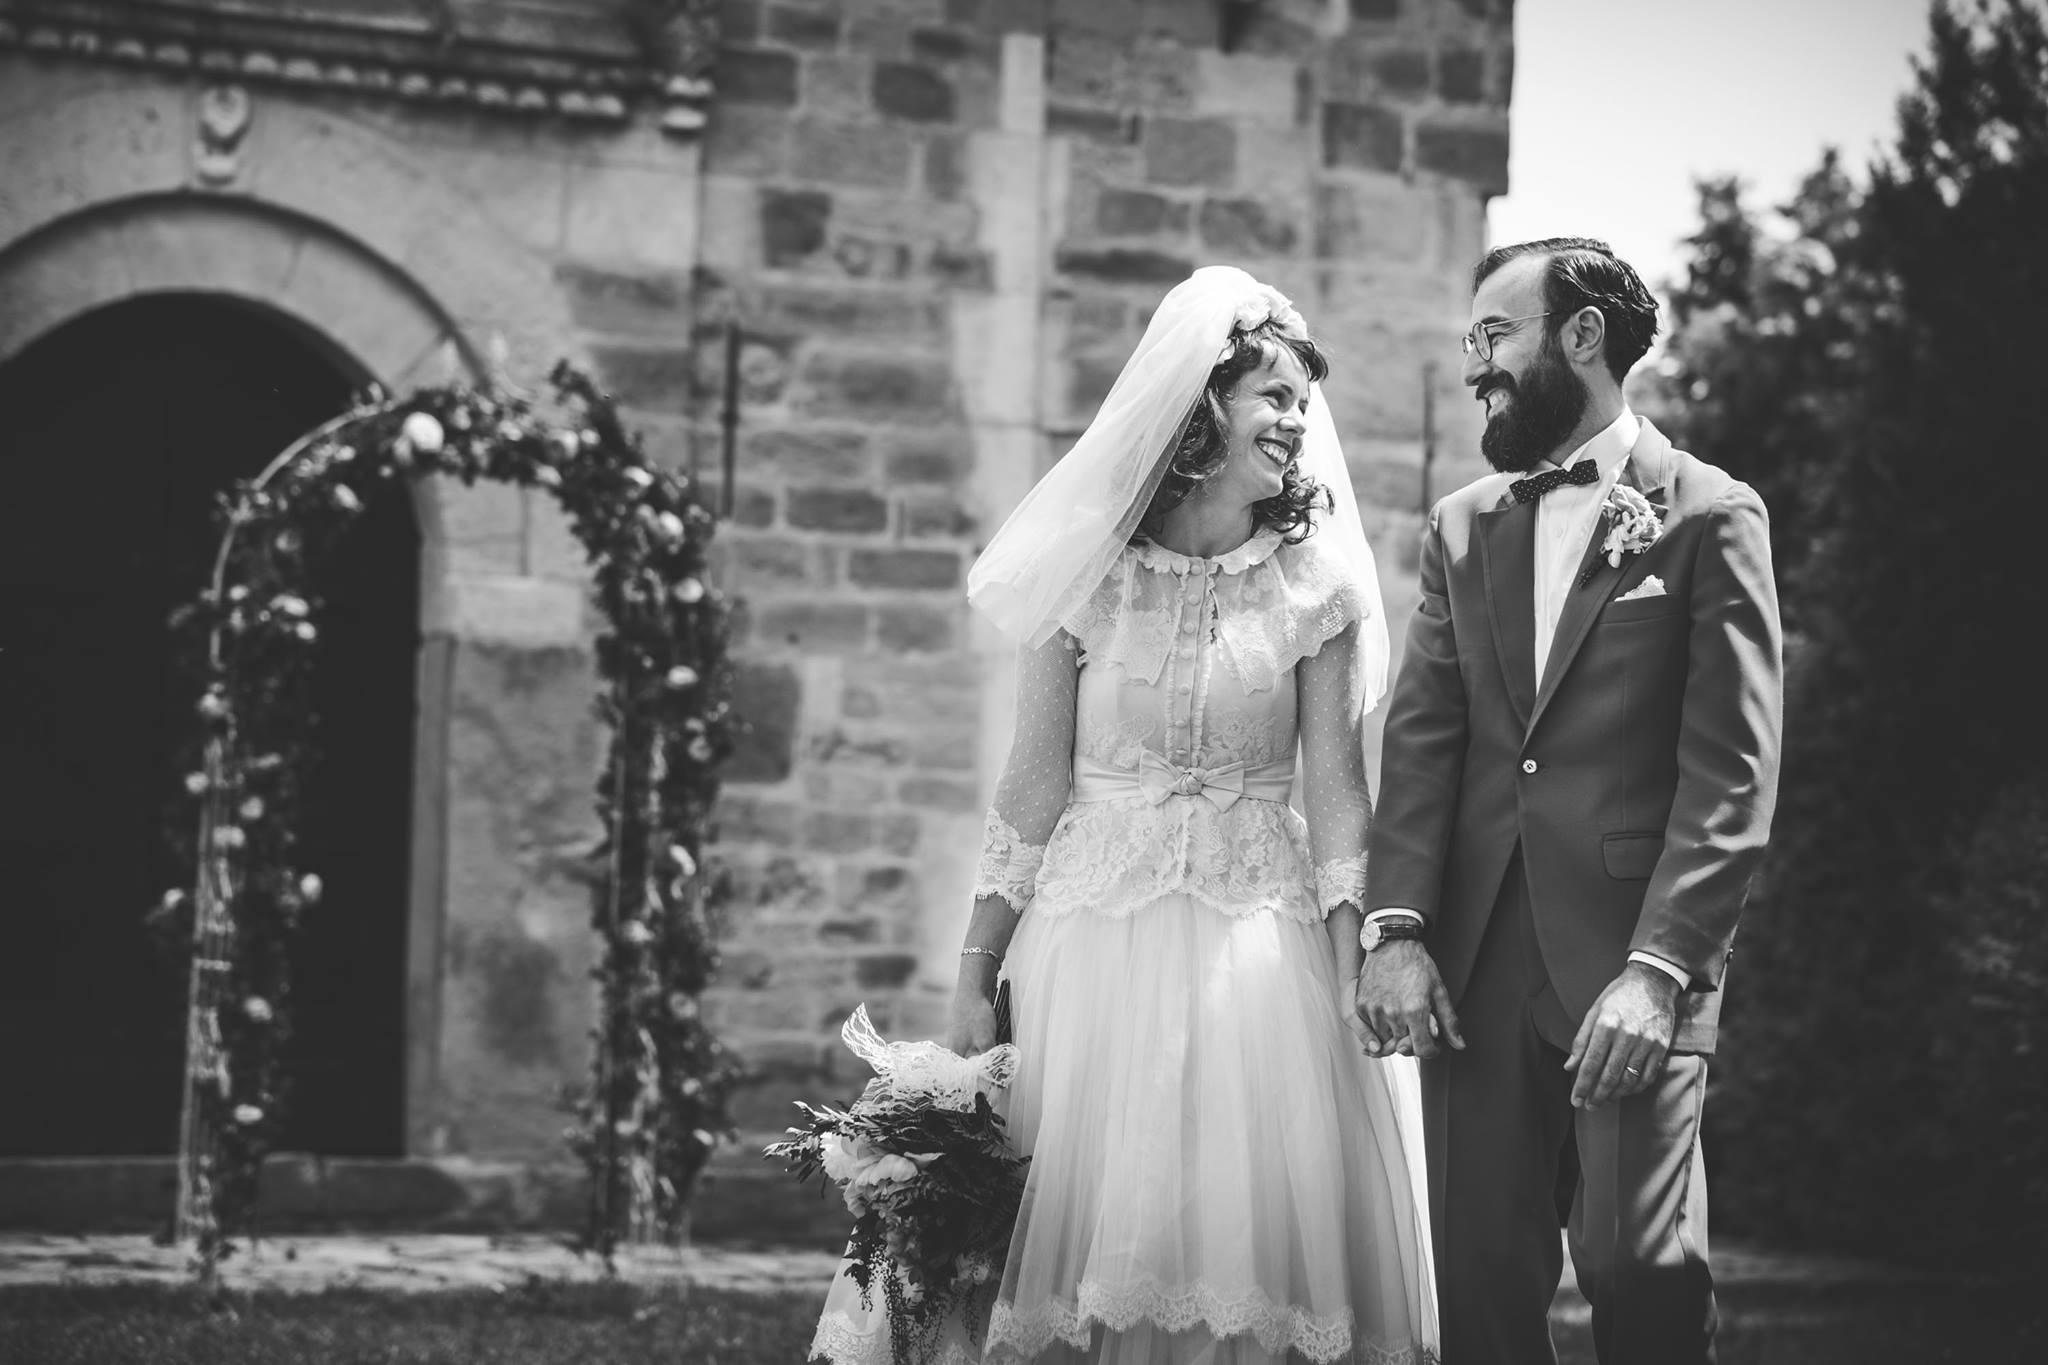 cha.rly vintage matrimonio in foto in bianco e nero